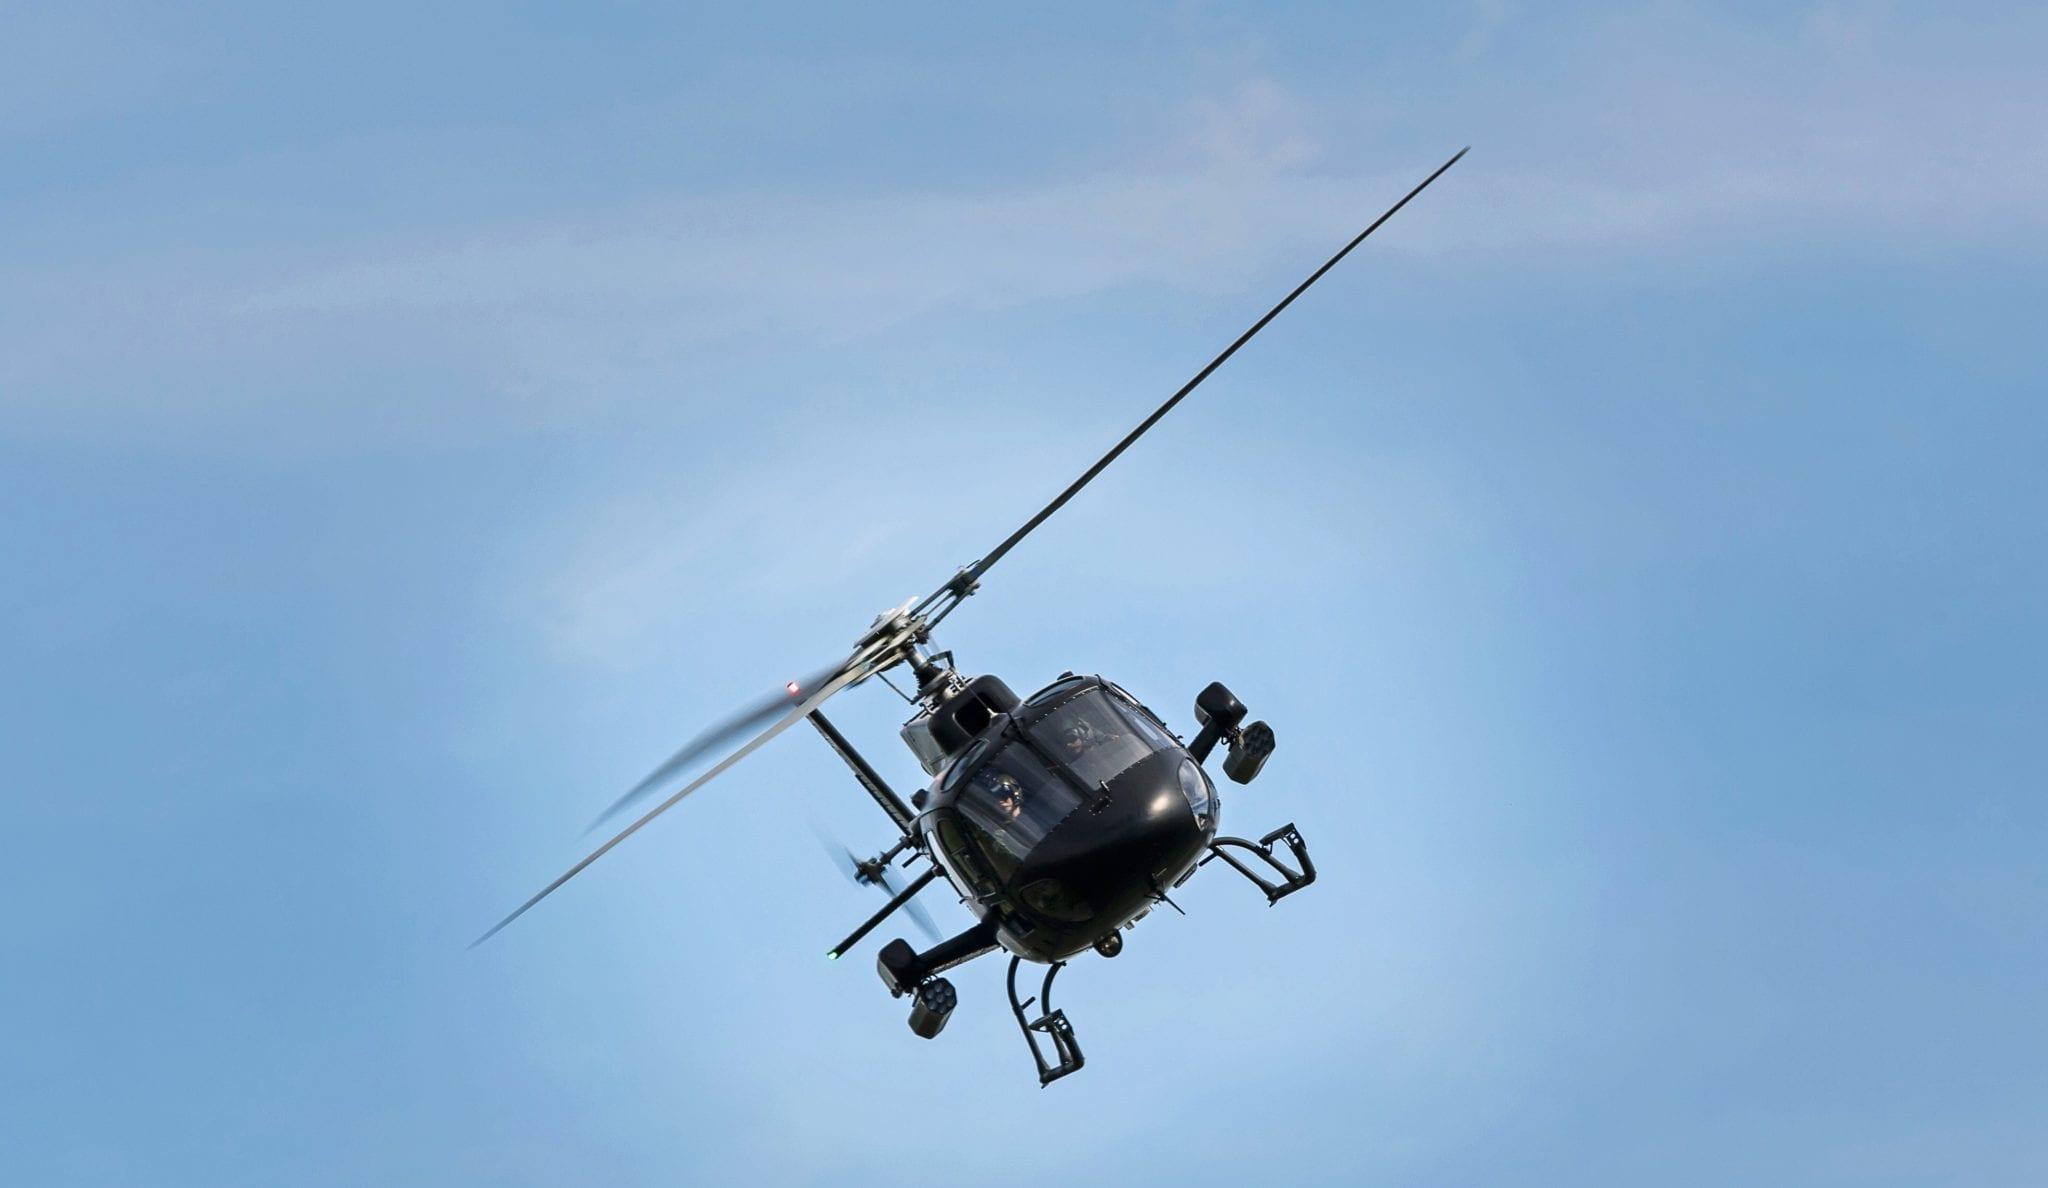 Hubschrauberrundflug im Alten Land